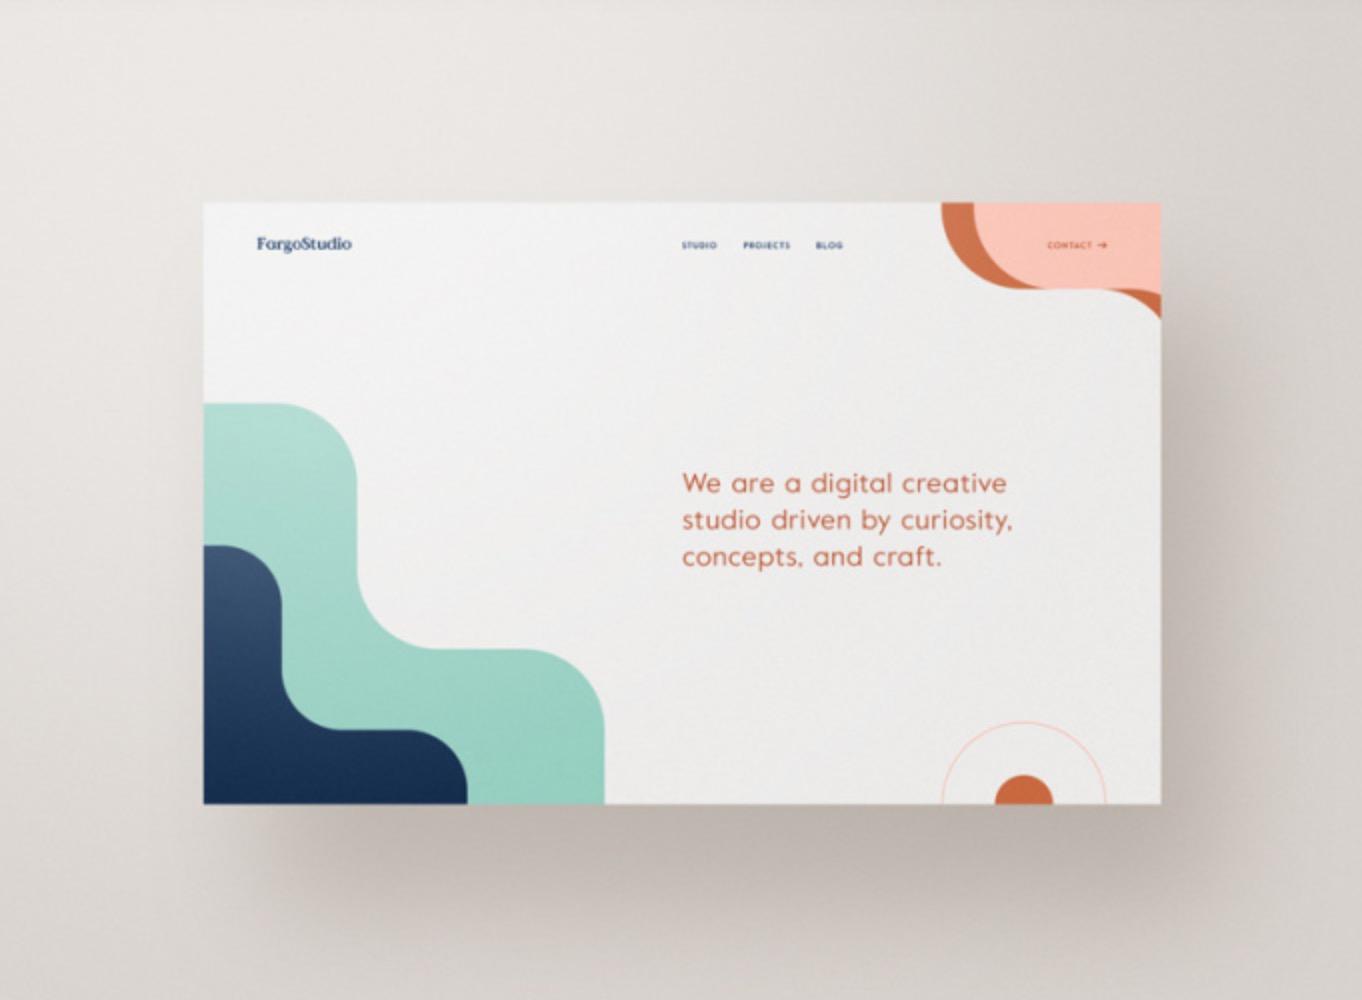 网页版面设计需要遵循的3个原则及技巧